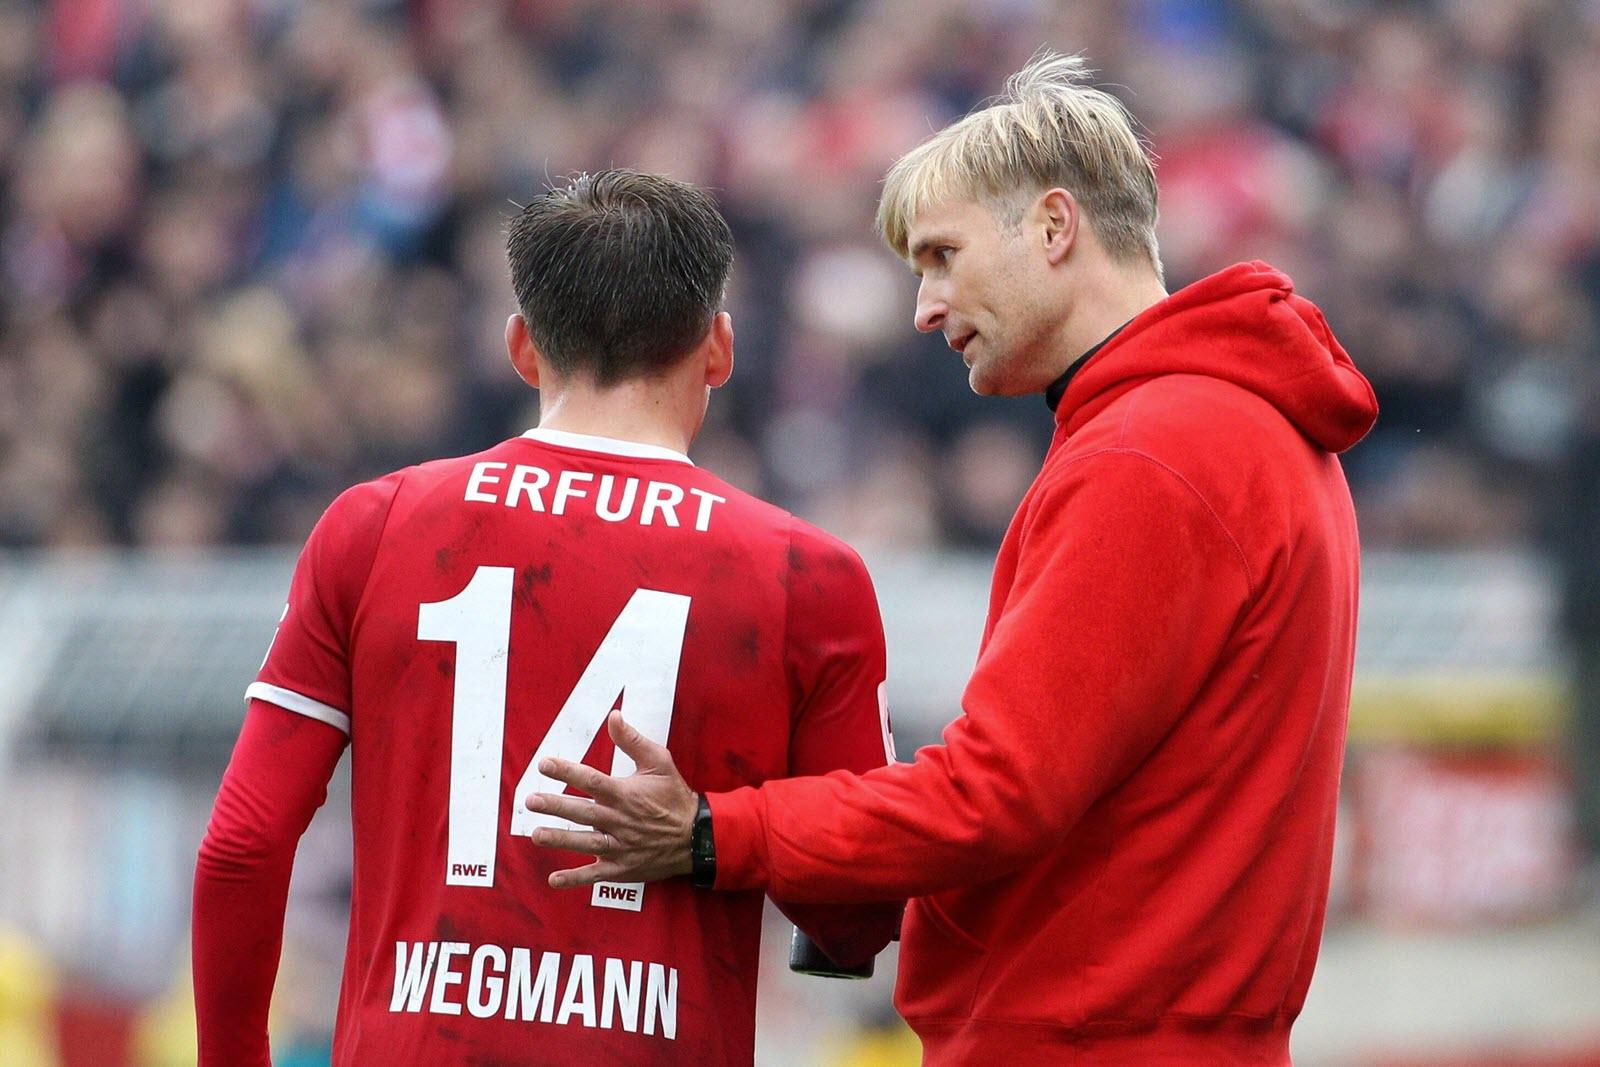 David Bergner mit Marius Wegmann.